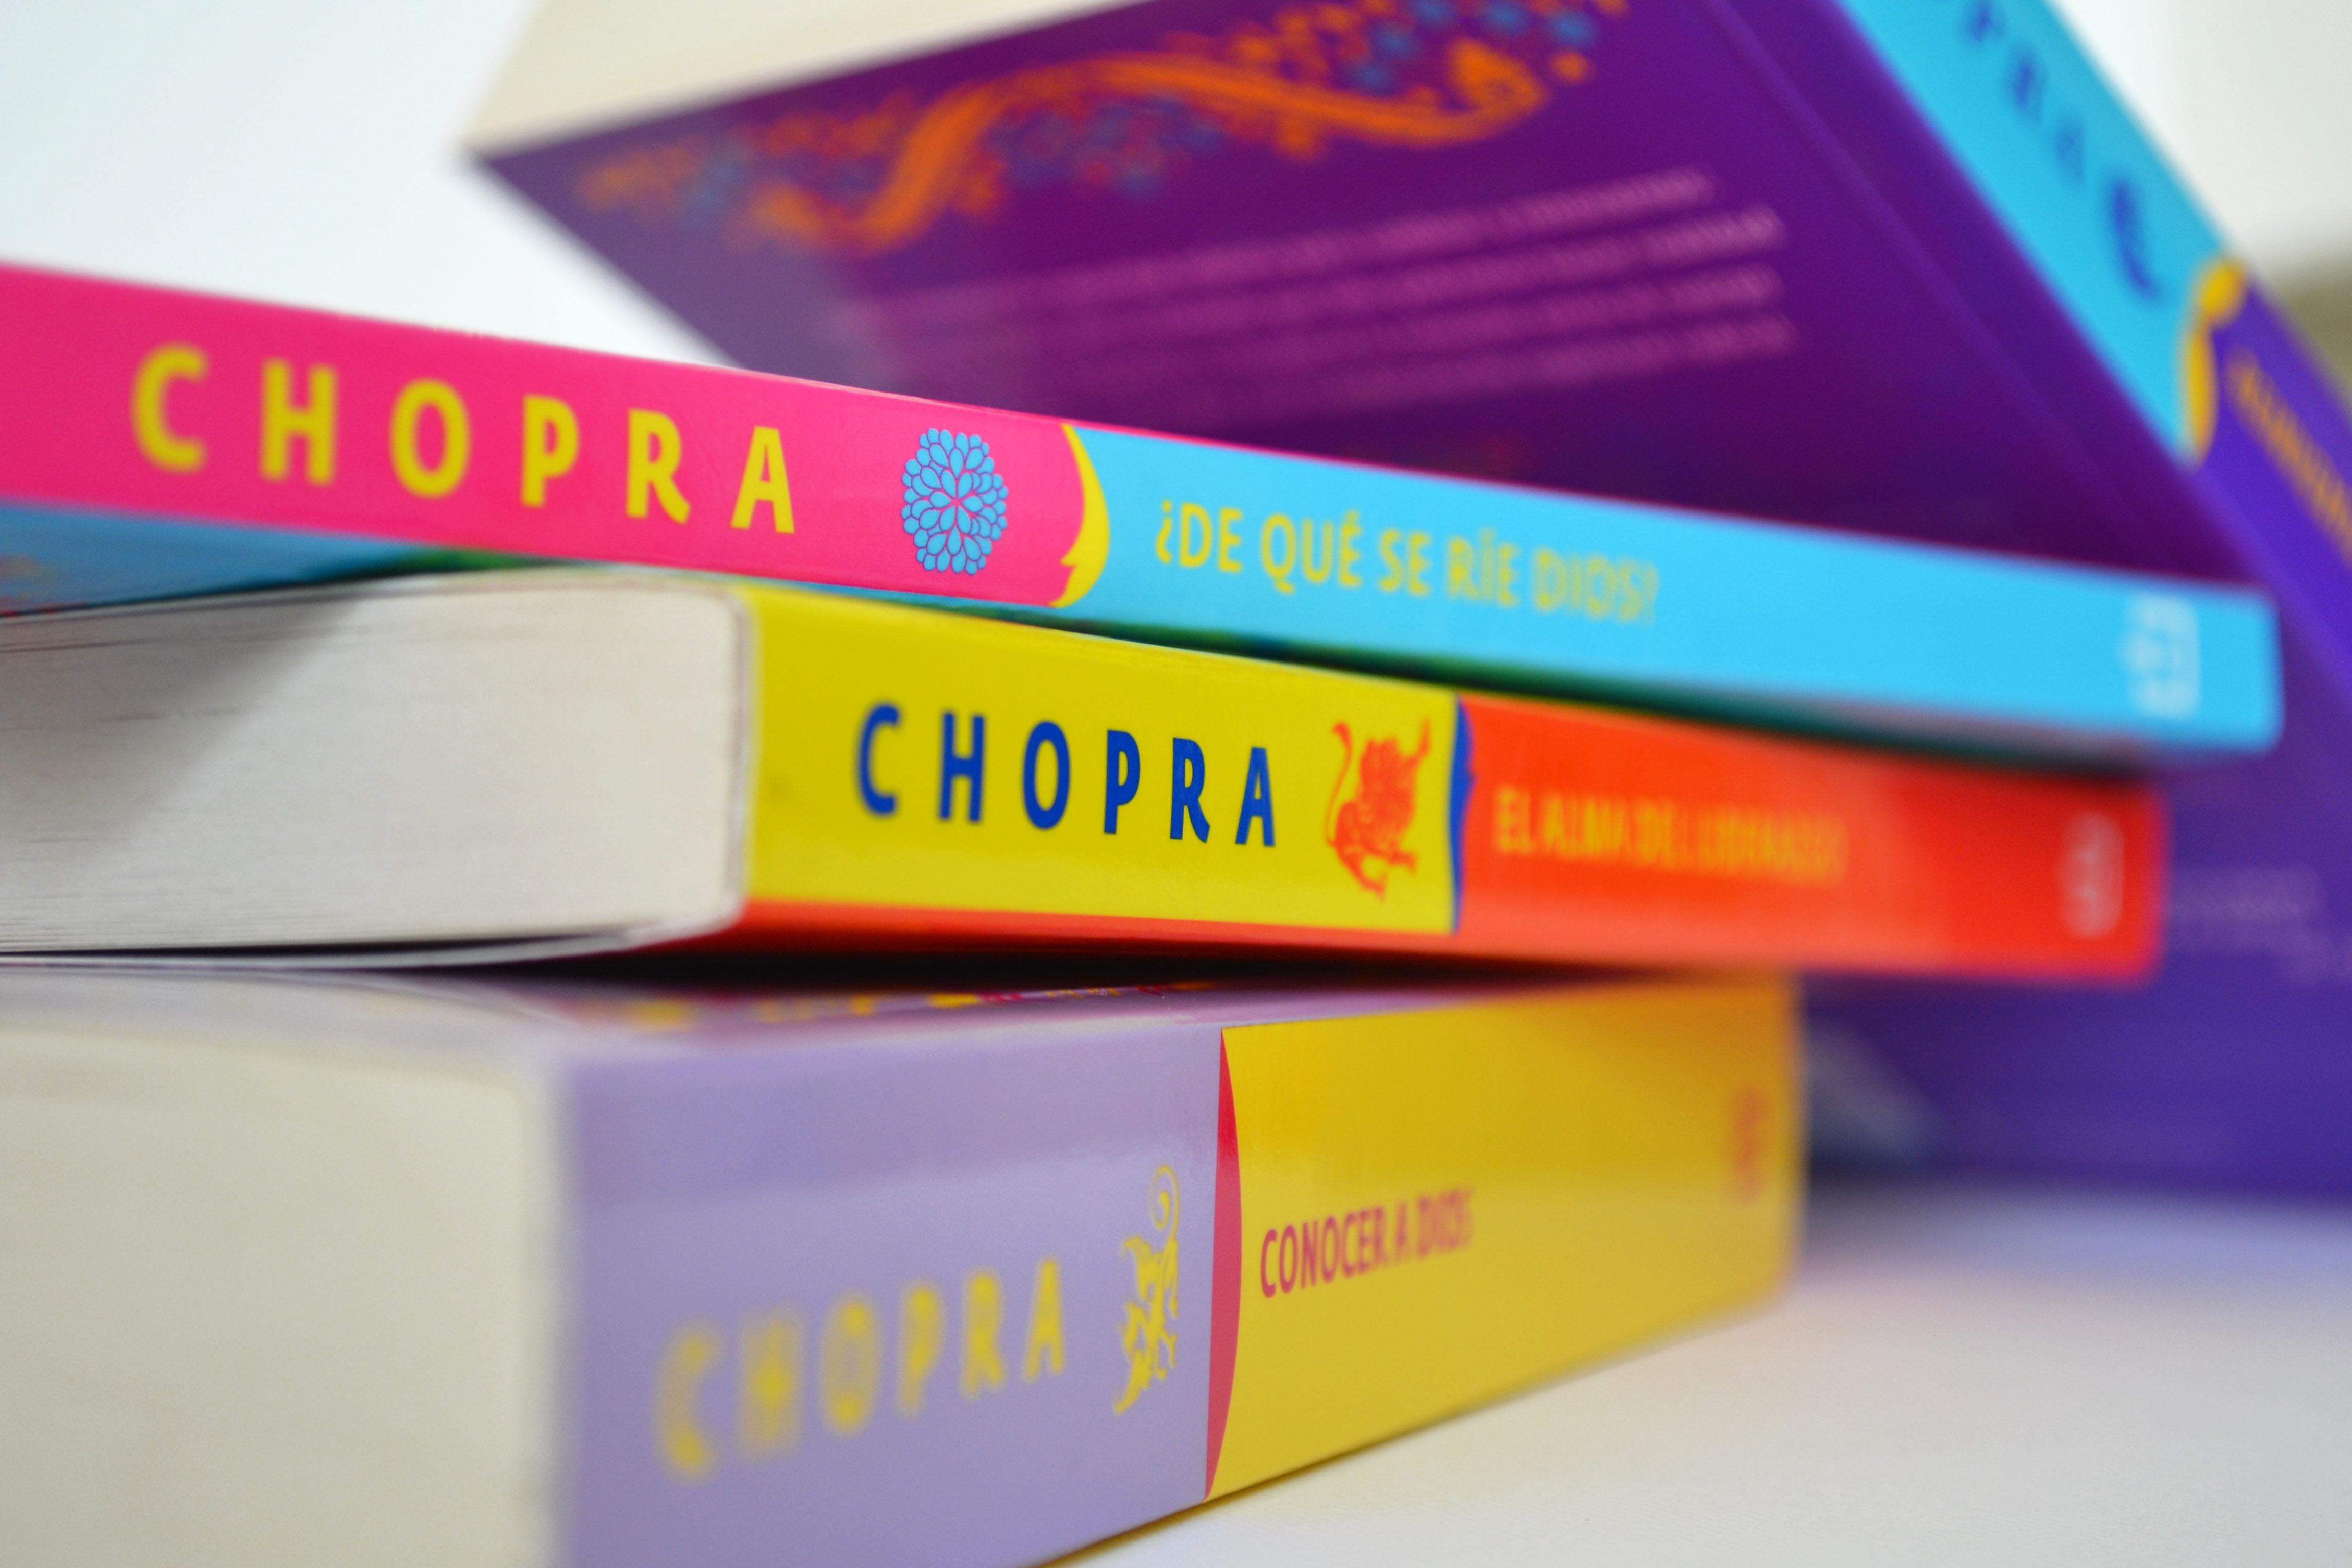 Chopra_8